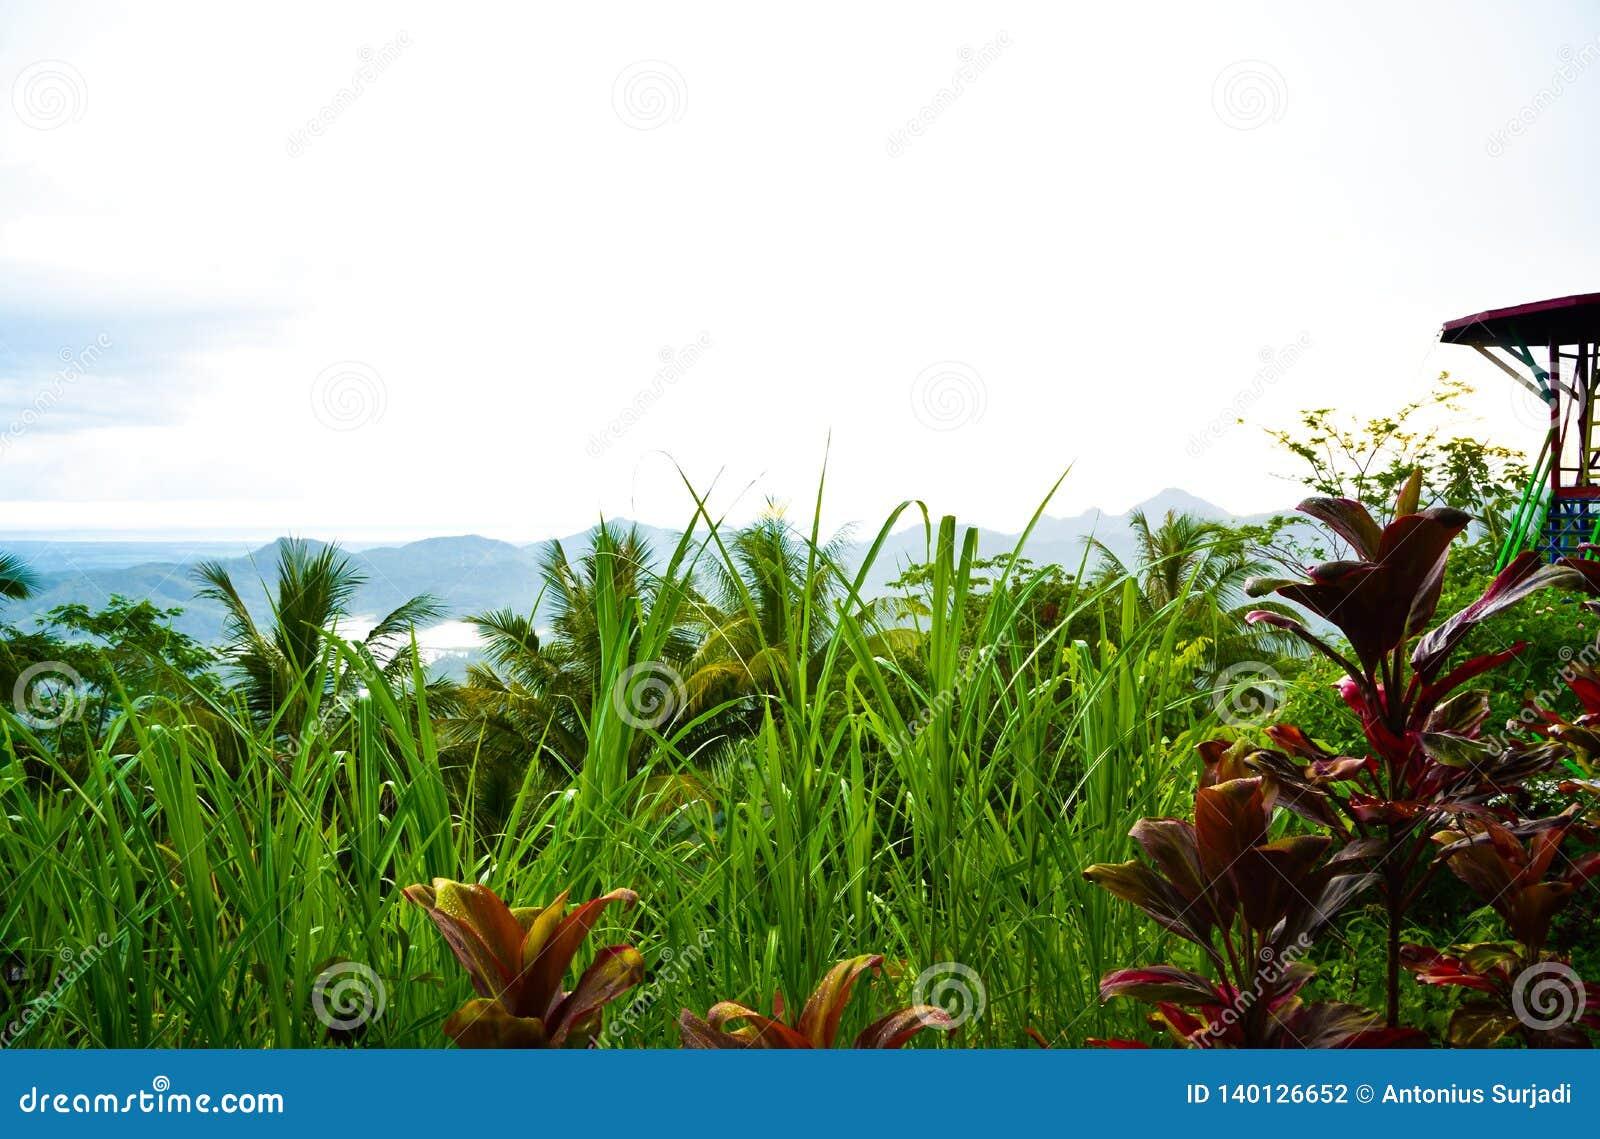 Джунгли сочного зеленого дождевого леса тропические со скача платформой в южном восходе солнца утра Eeast азиатском